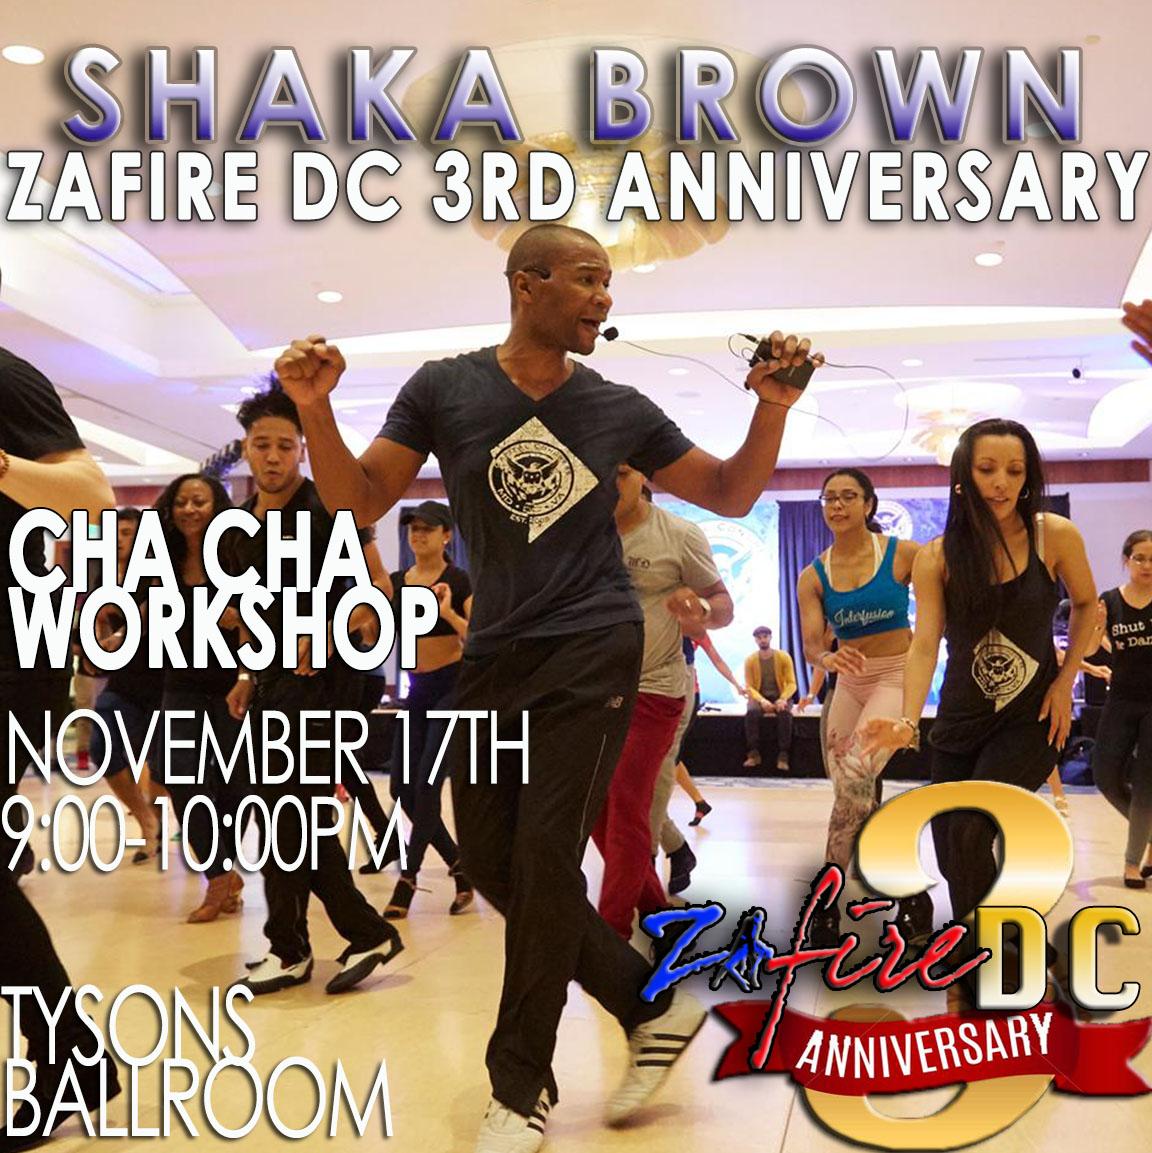 Shaka workshop